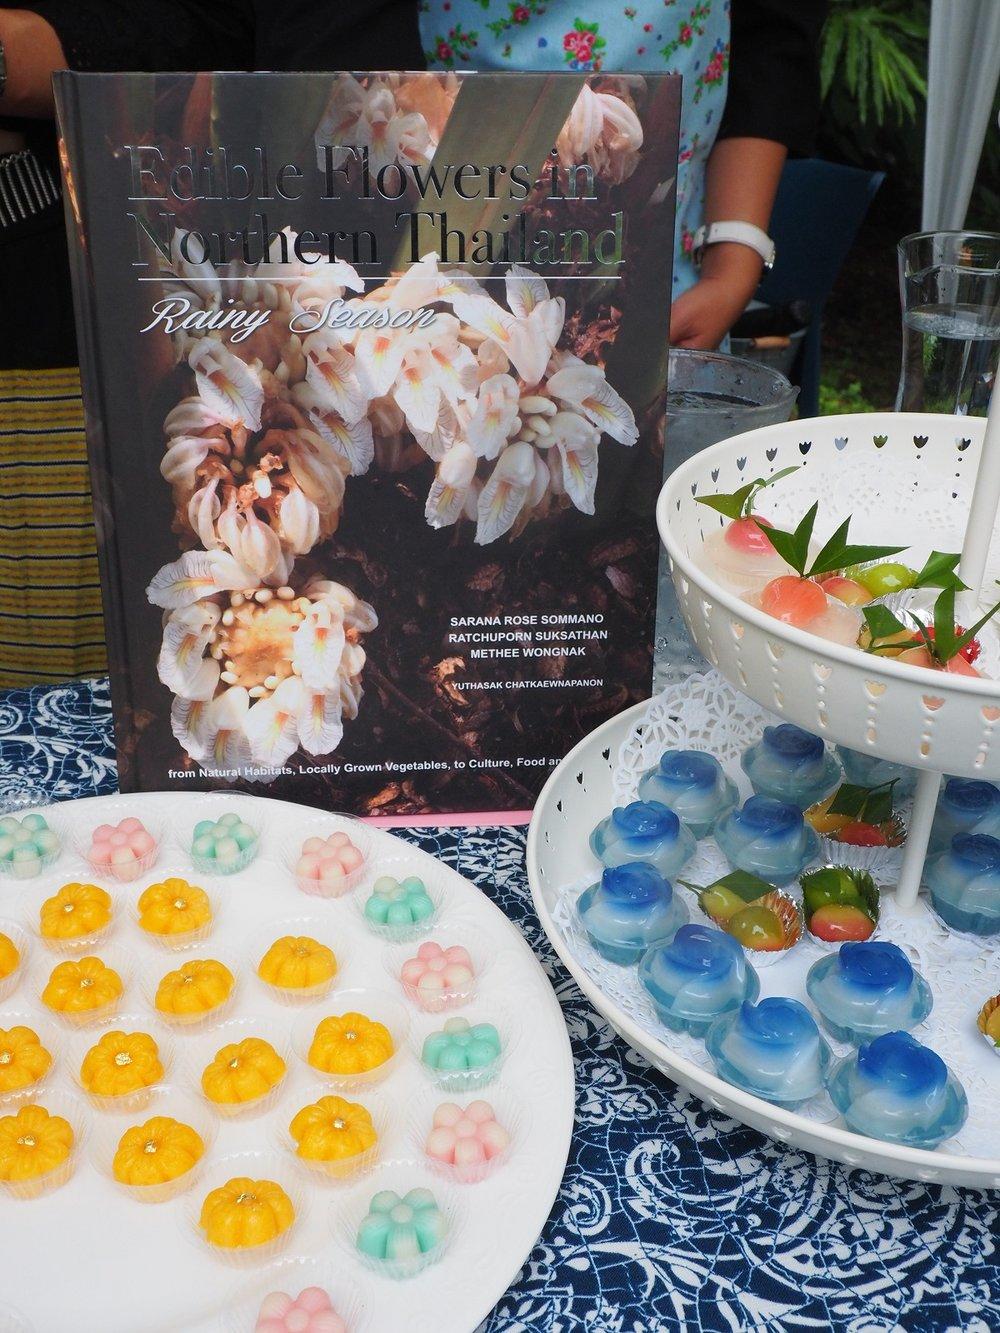 edible flowers book.JPG